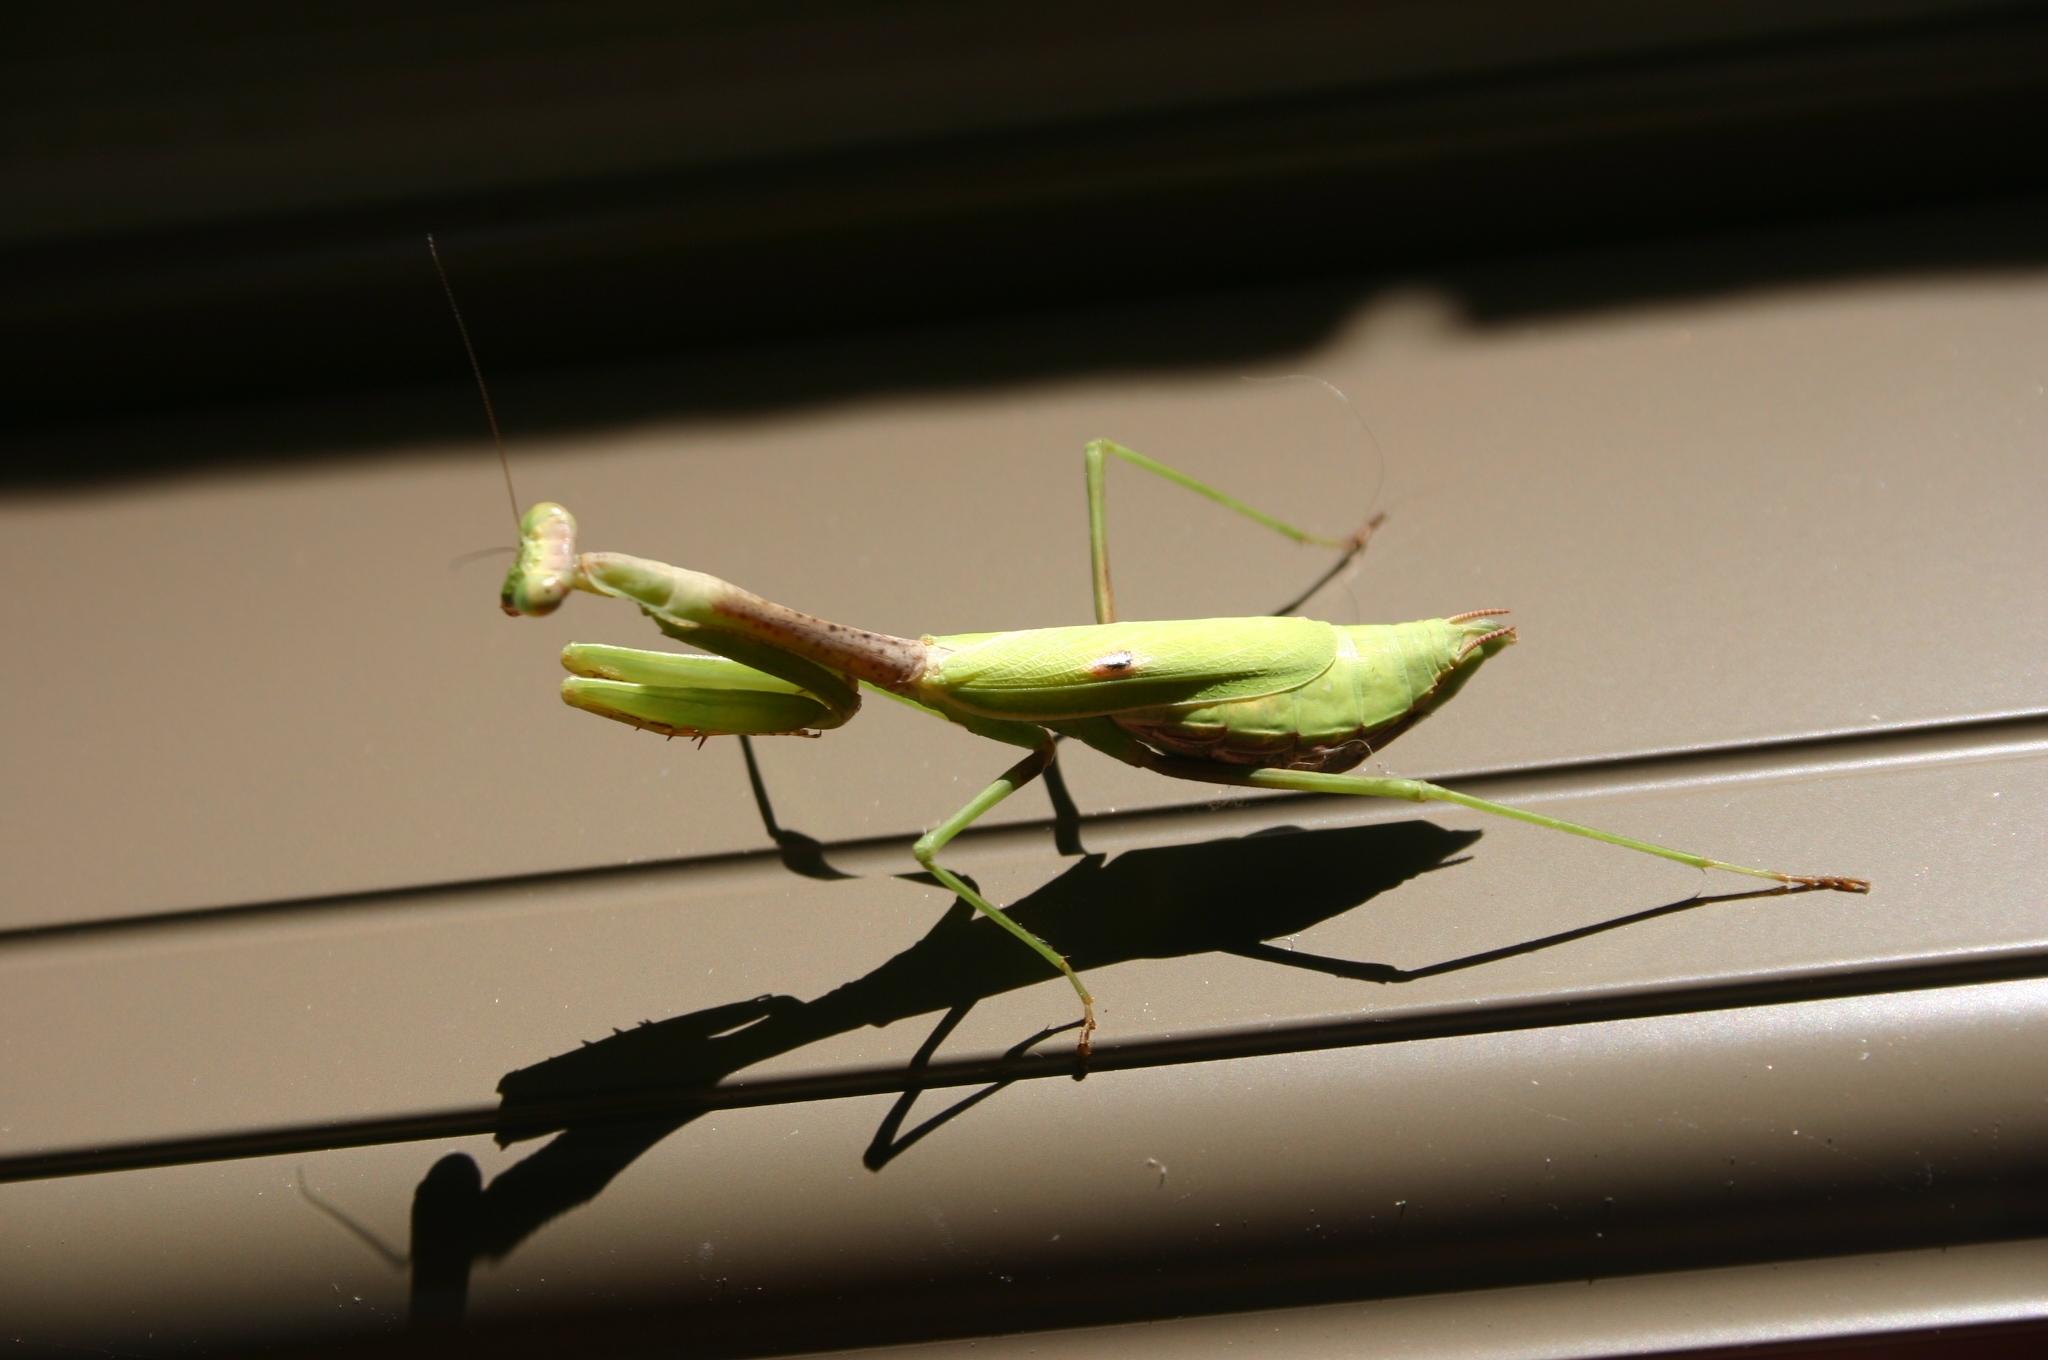 praying mantis 4